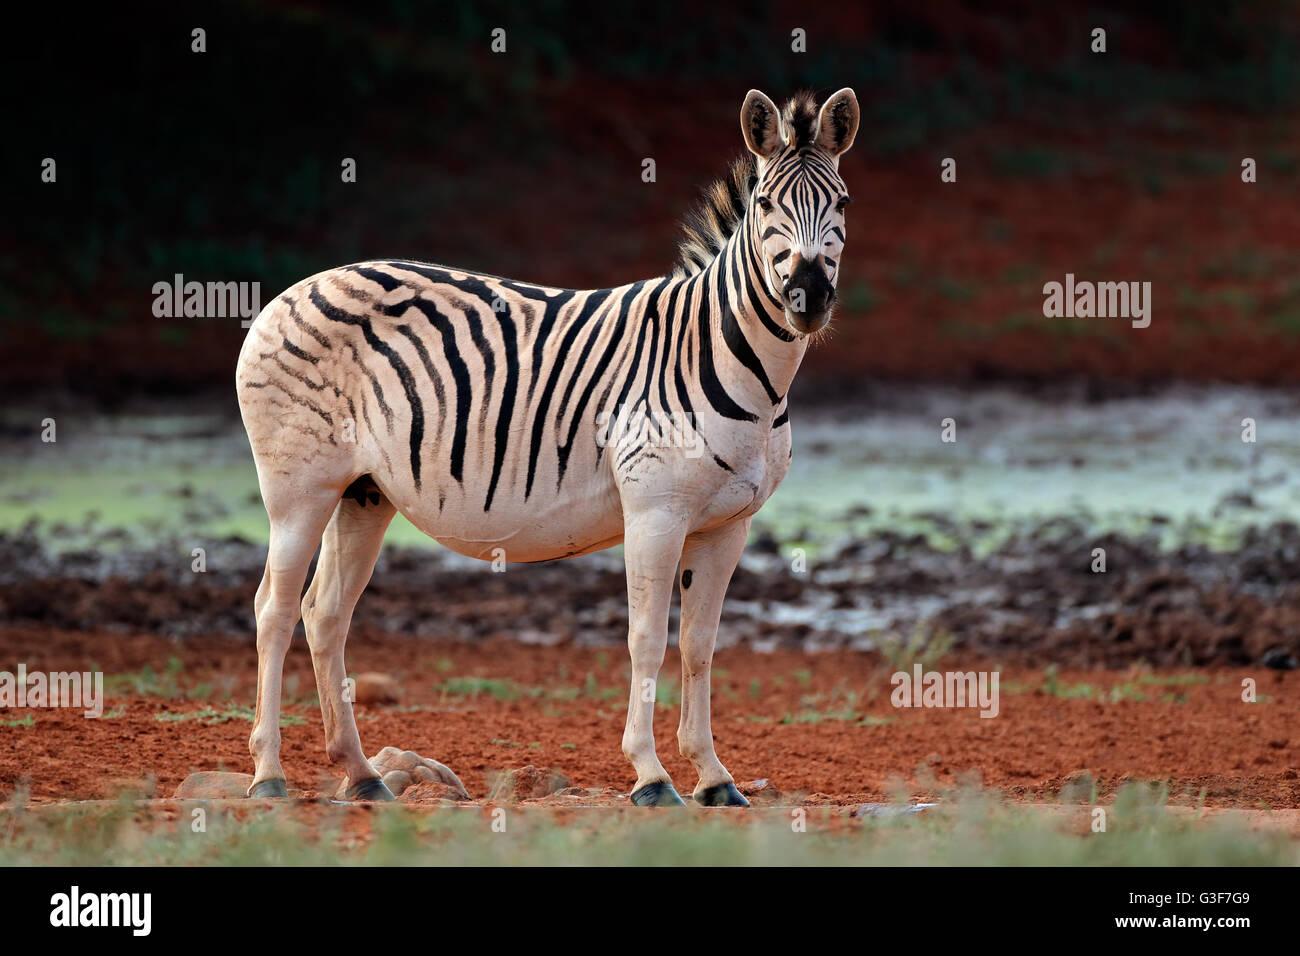 Une plaine (Burchell) Zèbre (Equus burchelli) dans l'habitat naturel, l'Afrique du Sud Photo Stock